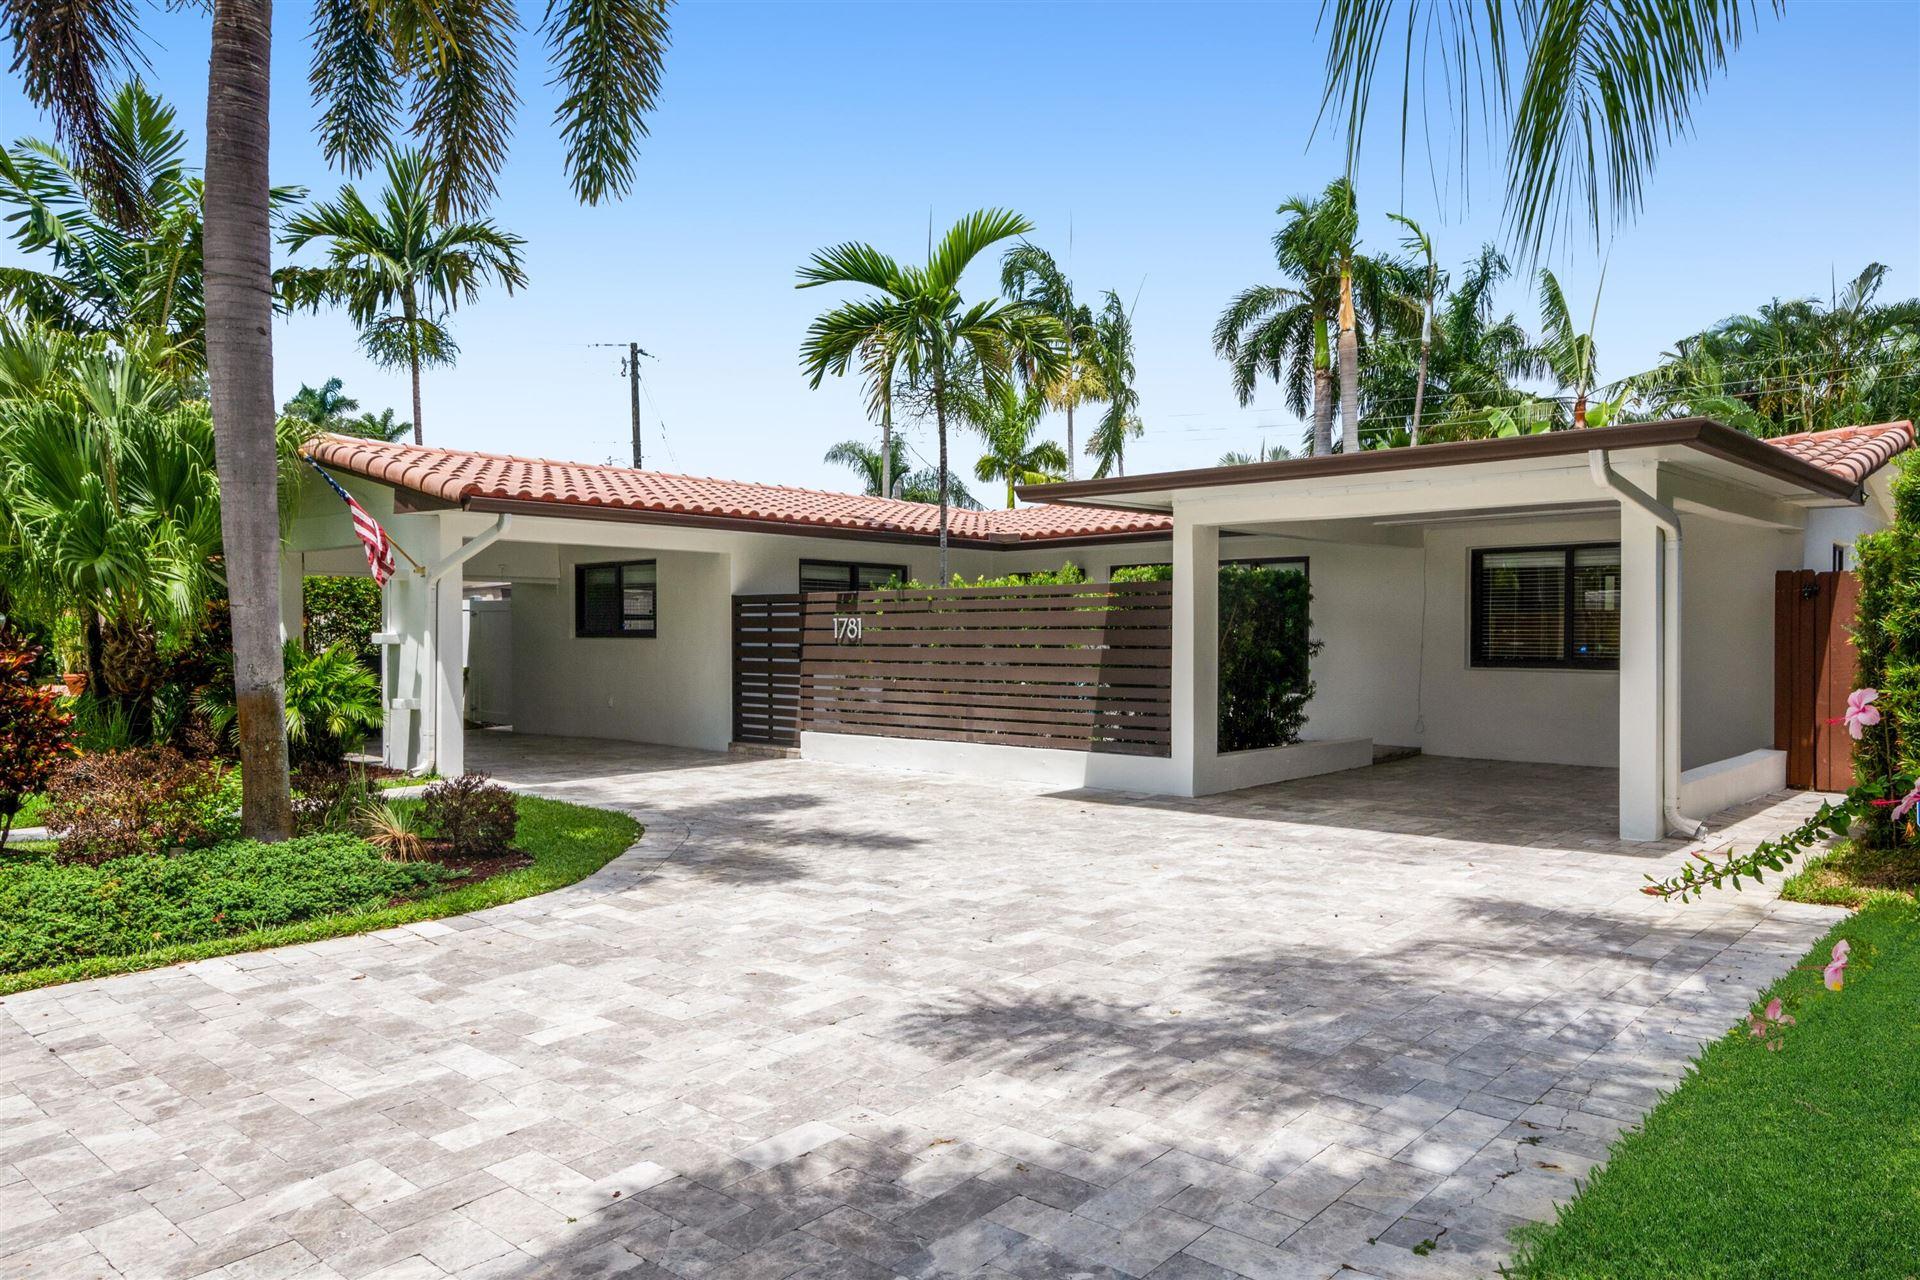 1781 NE 19th Street, Fort Lauderdale, FL 33305 - MLS#: RX-10741896